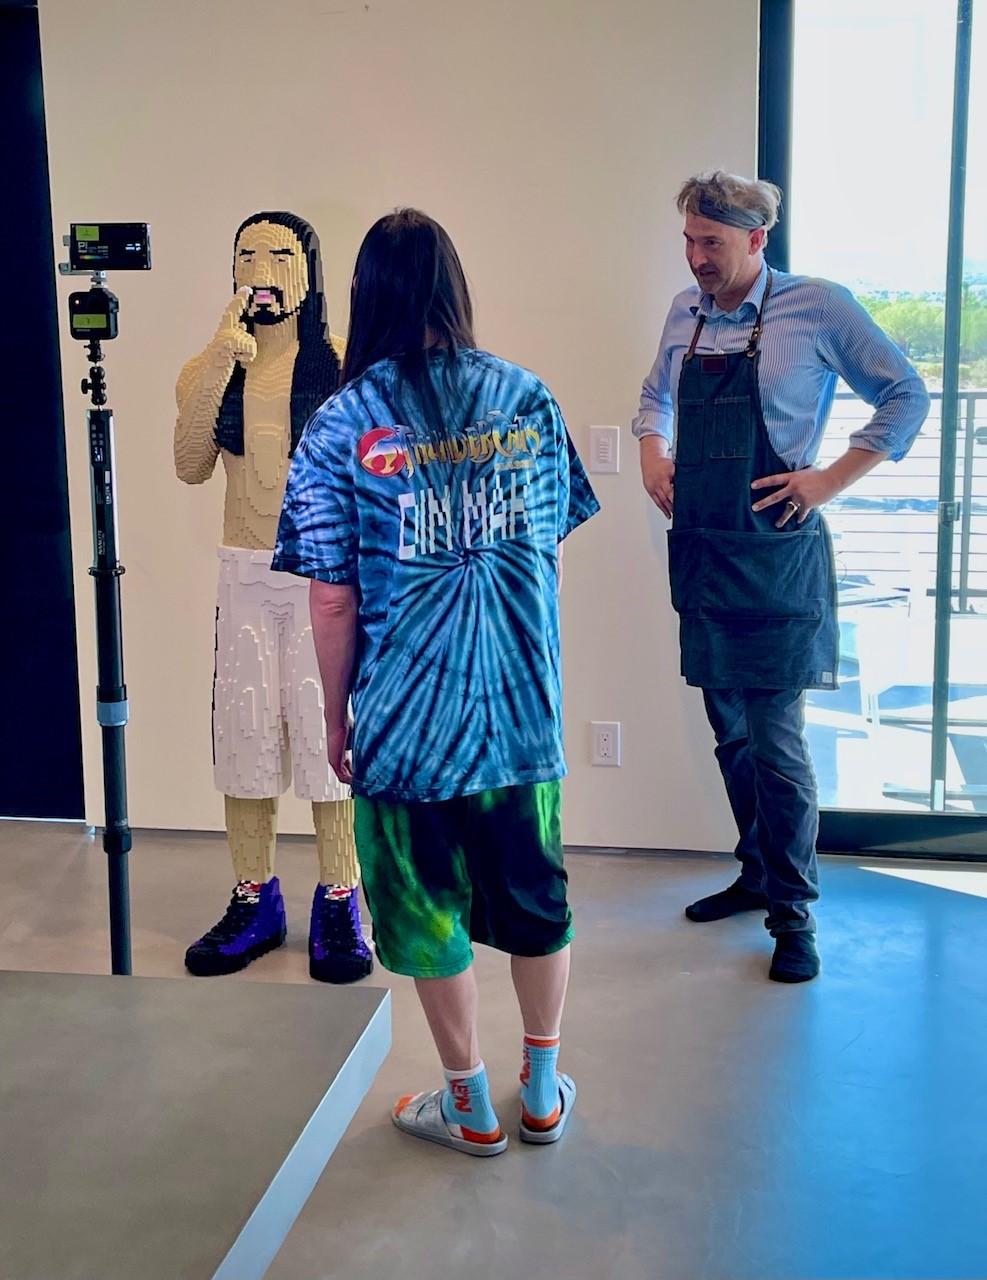 Q&A with Lego sculptor, ISU alum Chris Ihle